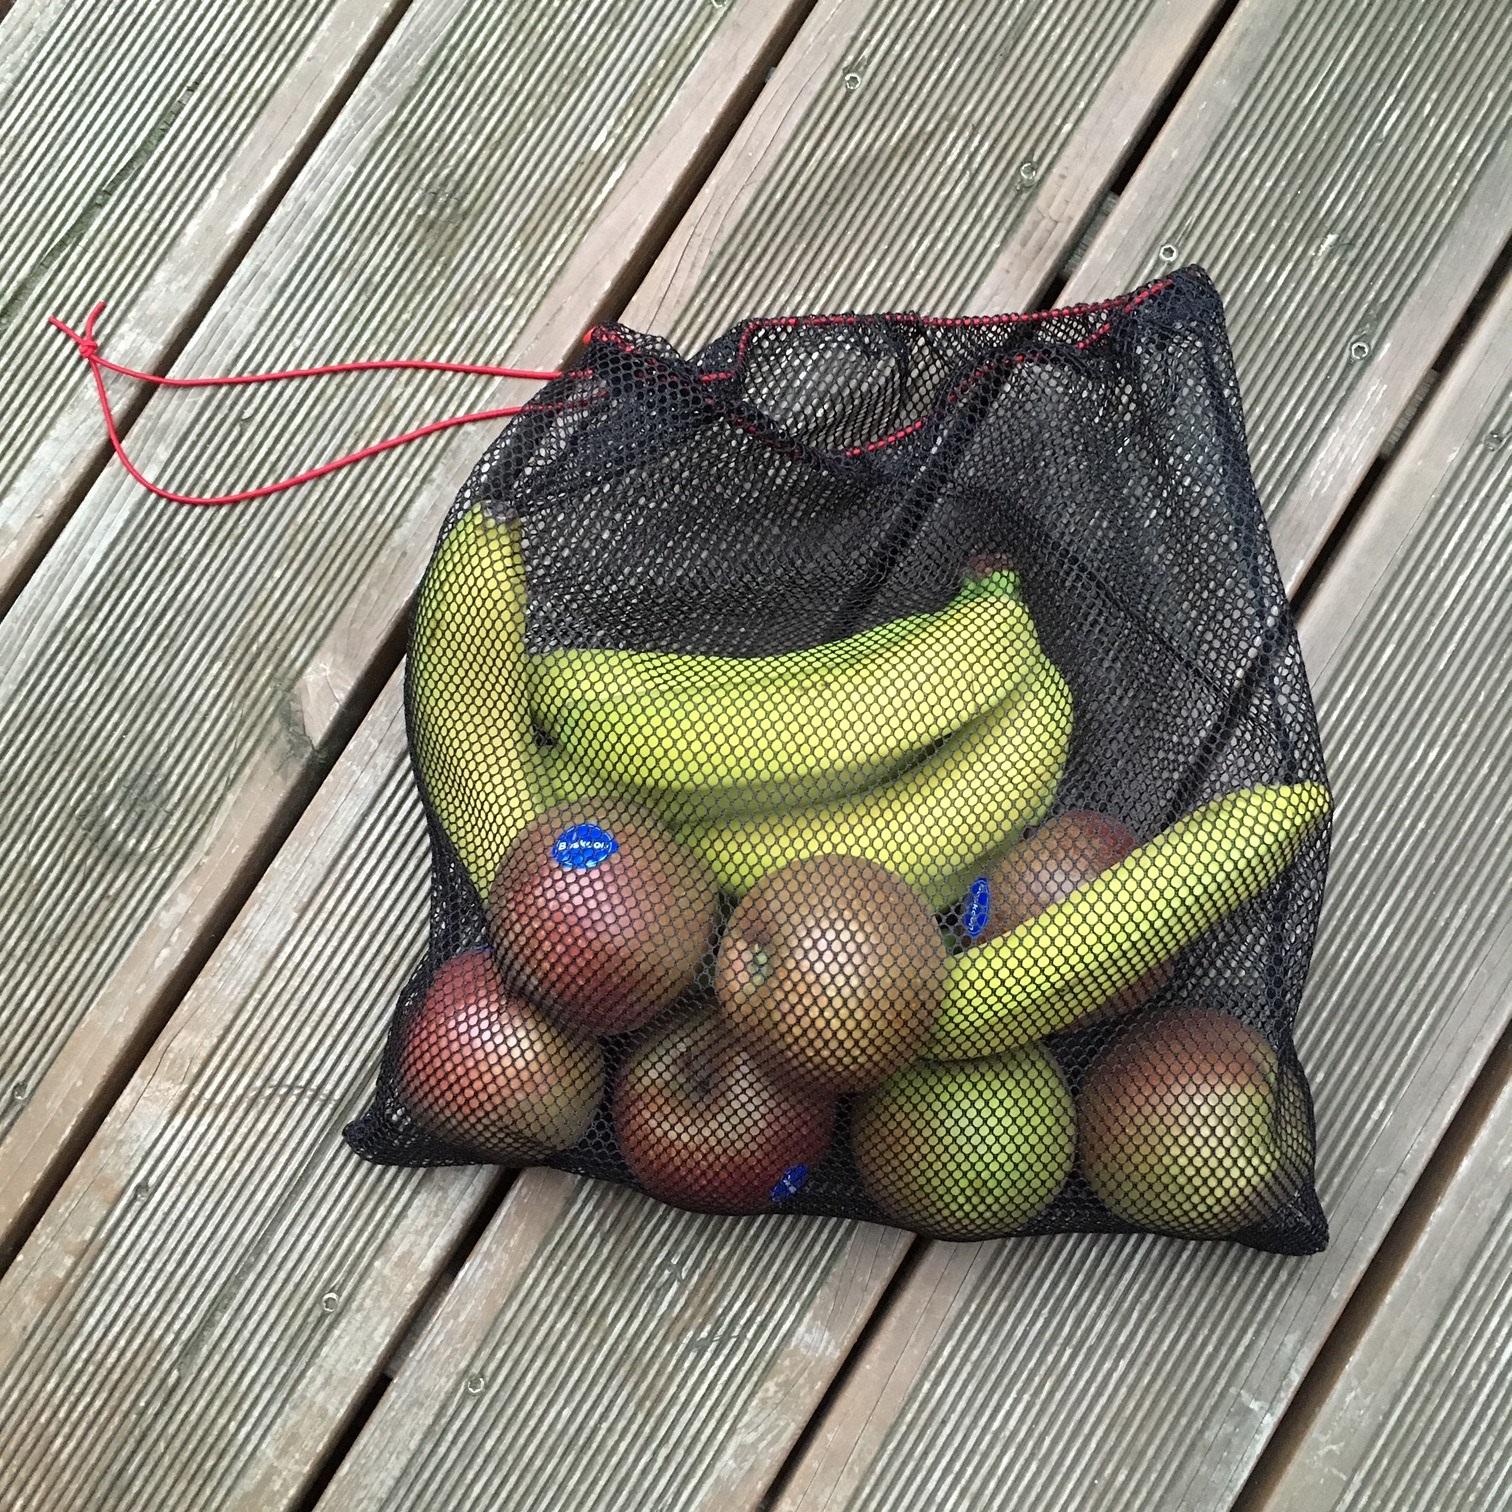 Genähte Obstbeutel aus Netzstoff